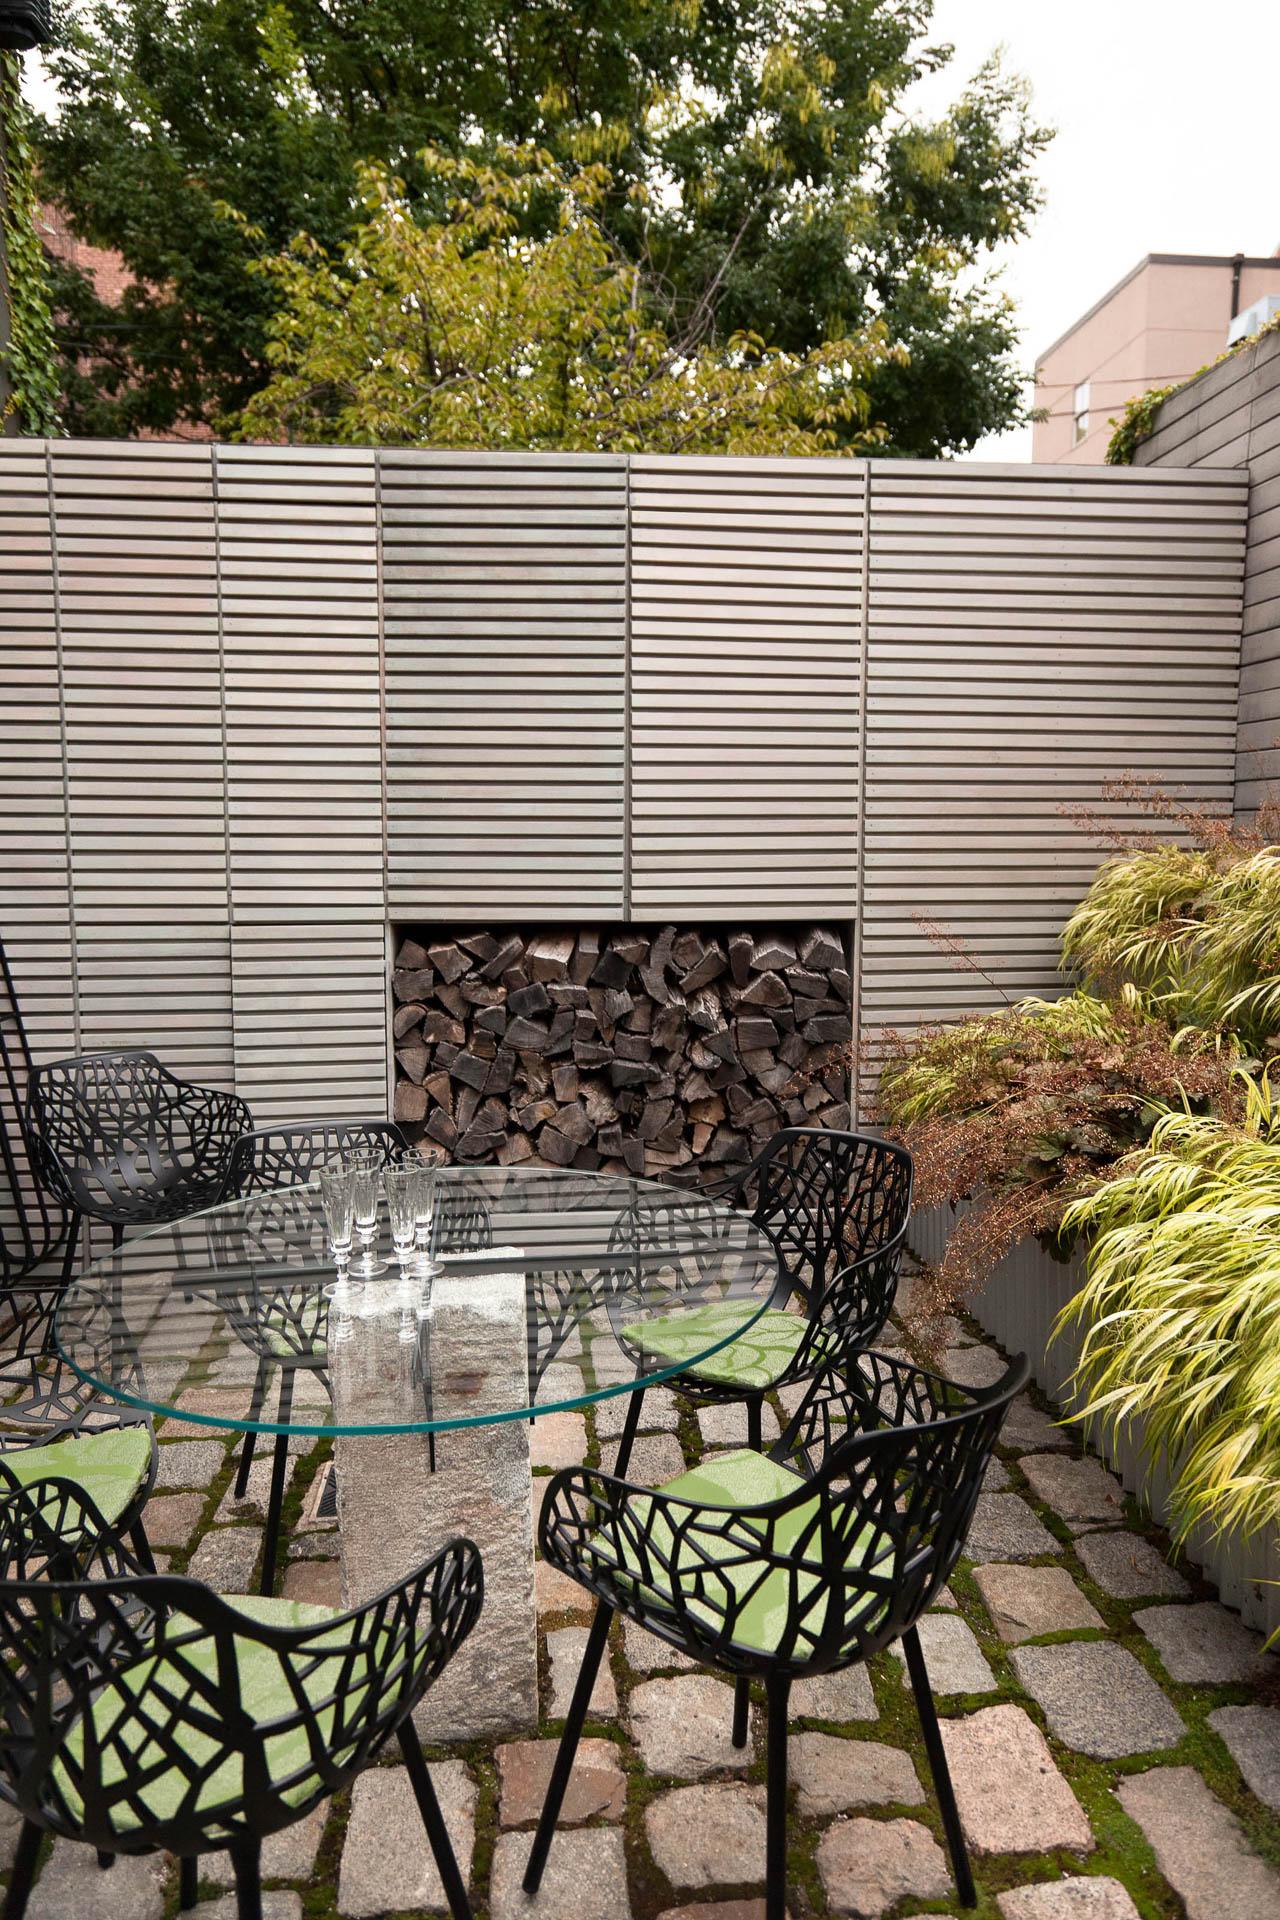 South end courtyard matthew cunningham landscape design llc for Courtyard landscape design